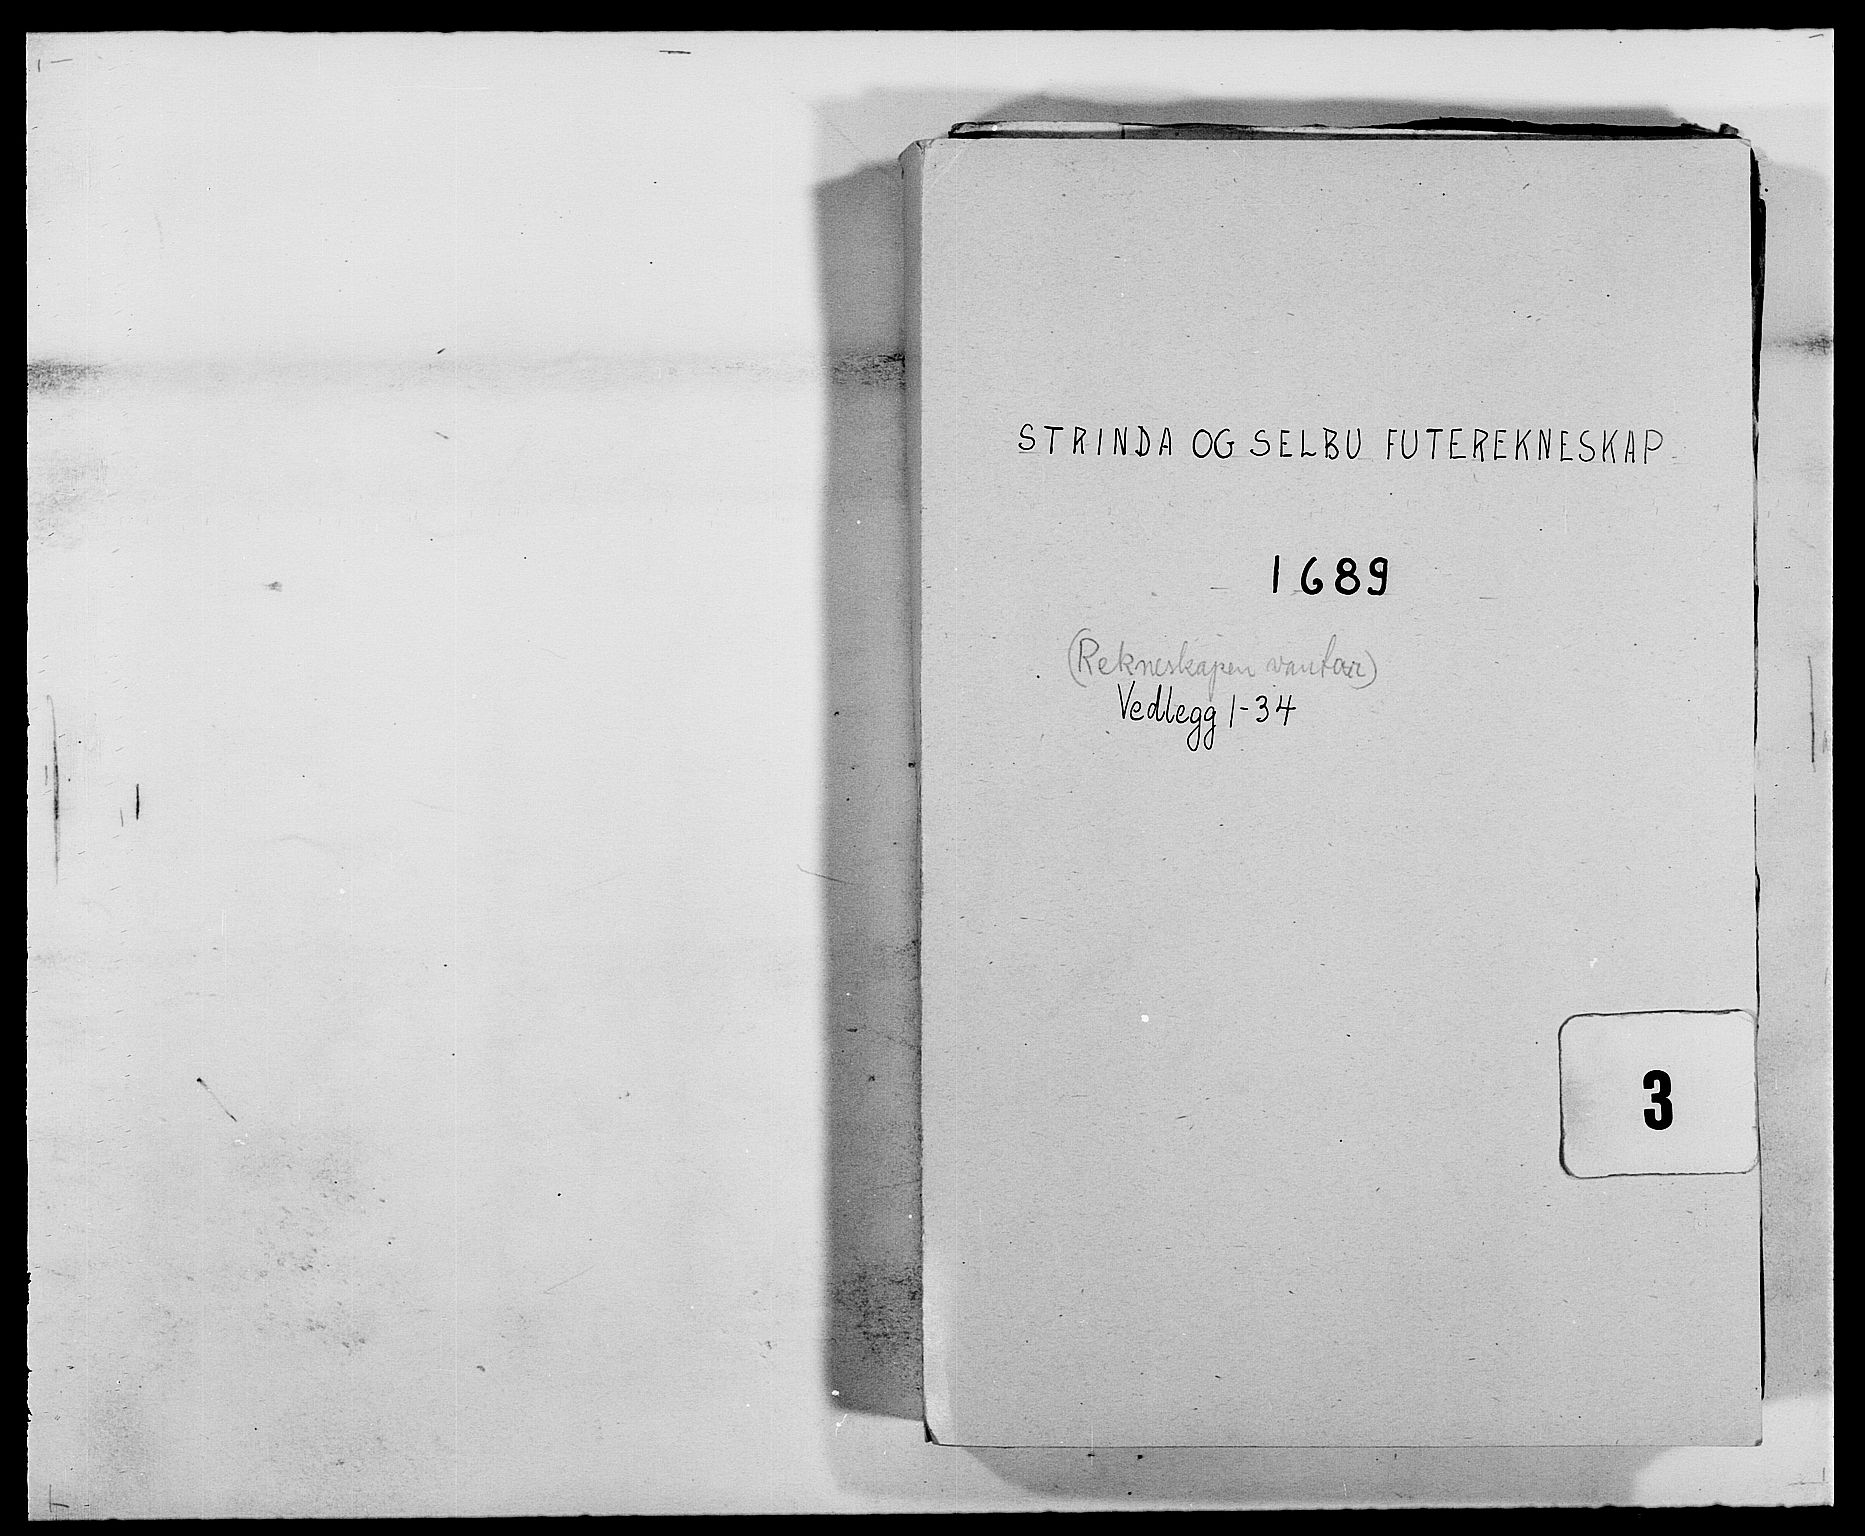 RA, Rentekammeret inntil 1814, Reviderte regnskaper, Fogderegnskap, R61/L4102: Fogderegnskap Strinda og Selbu, 1689-1690, s. 1